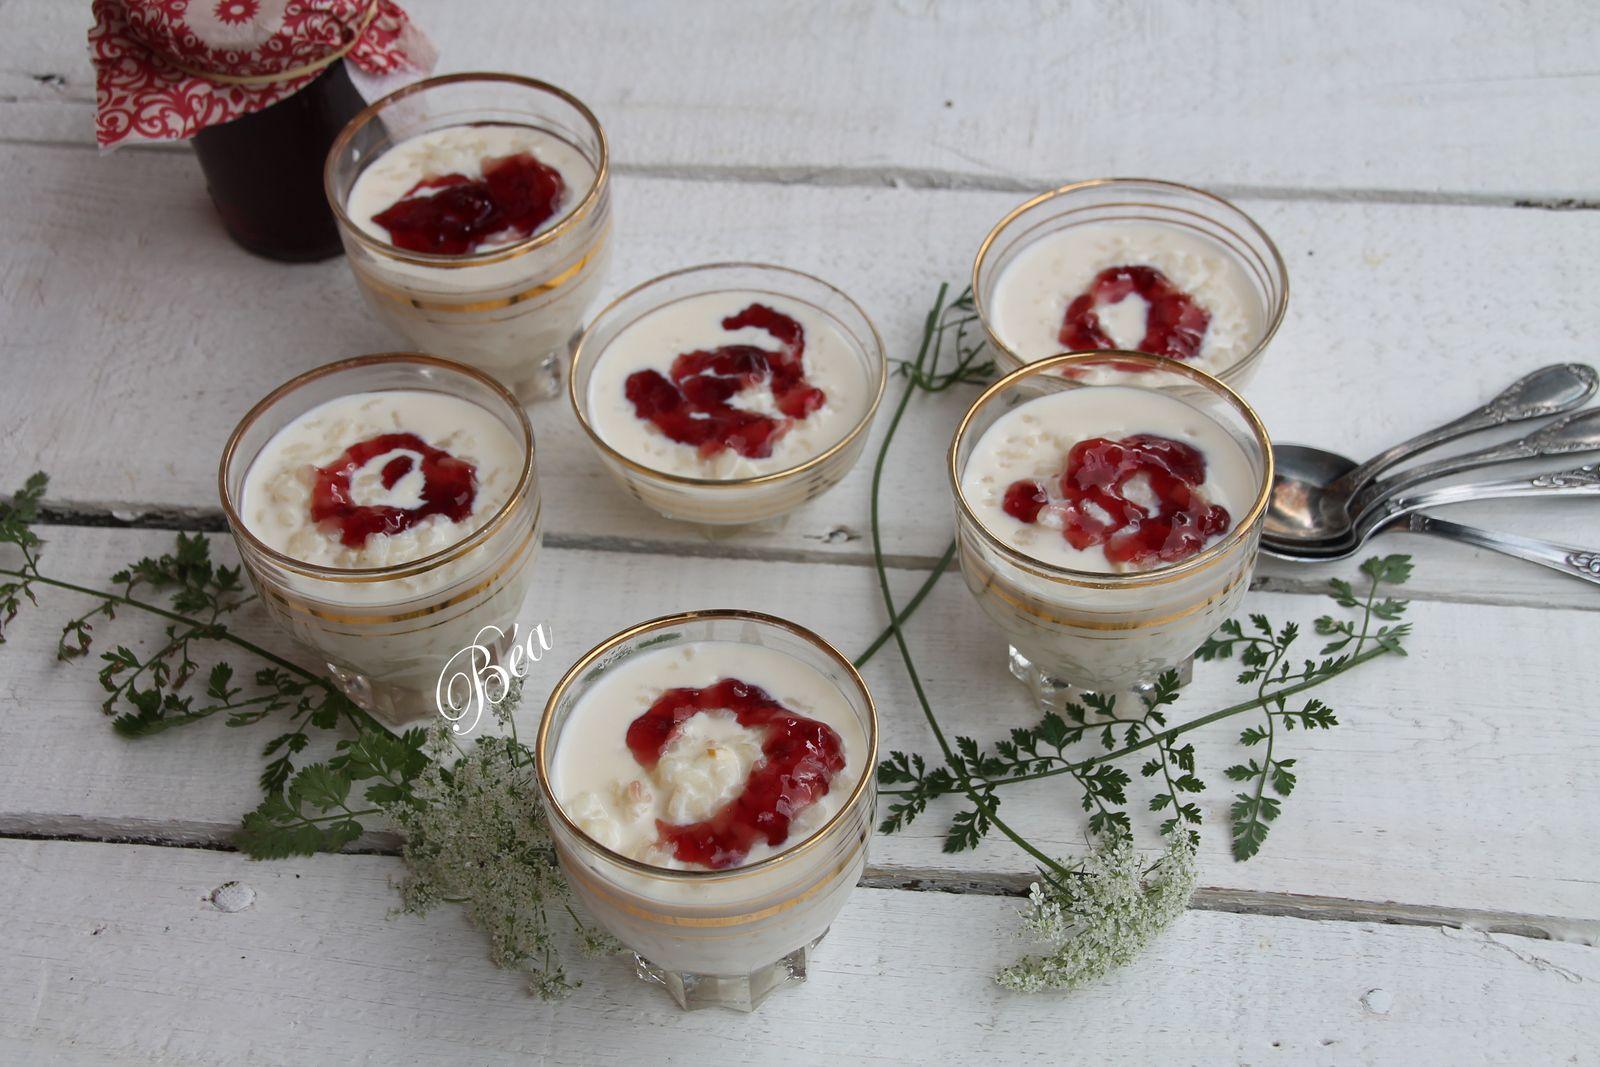 Riz au lait à la gelée de raisin et de grenade